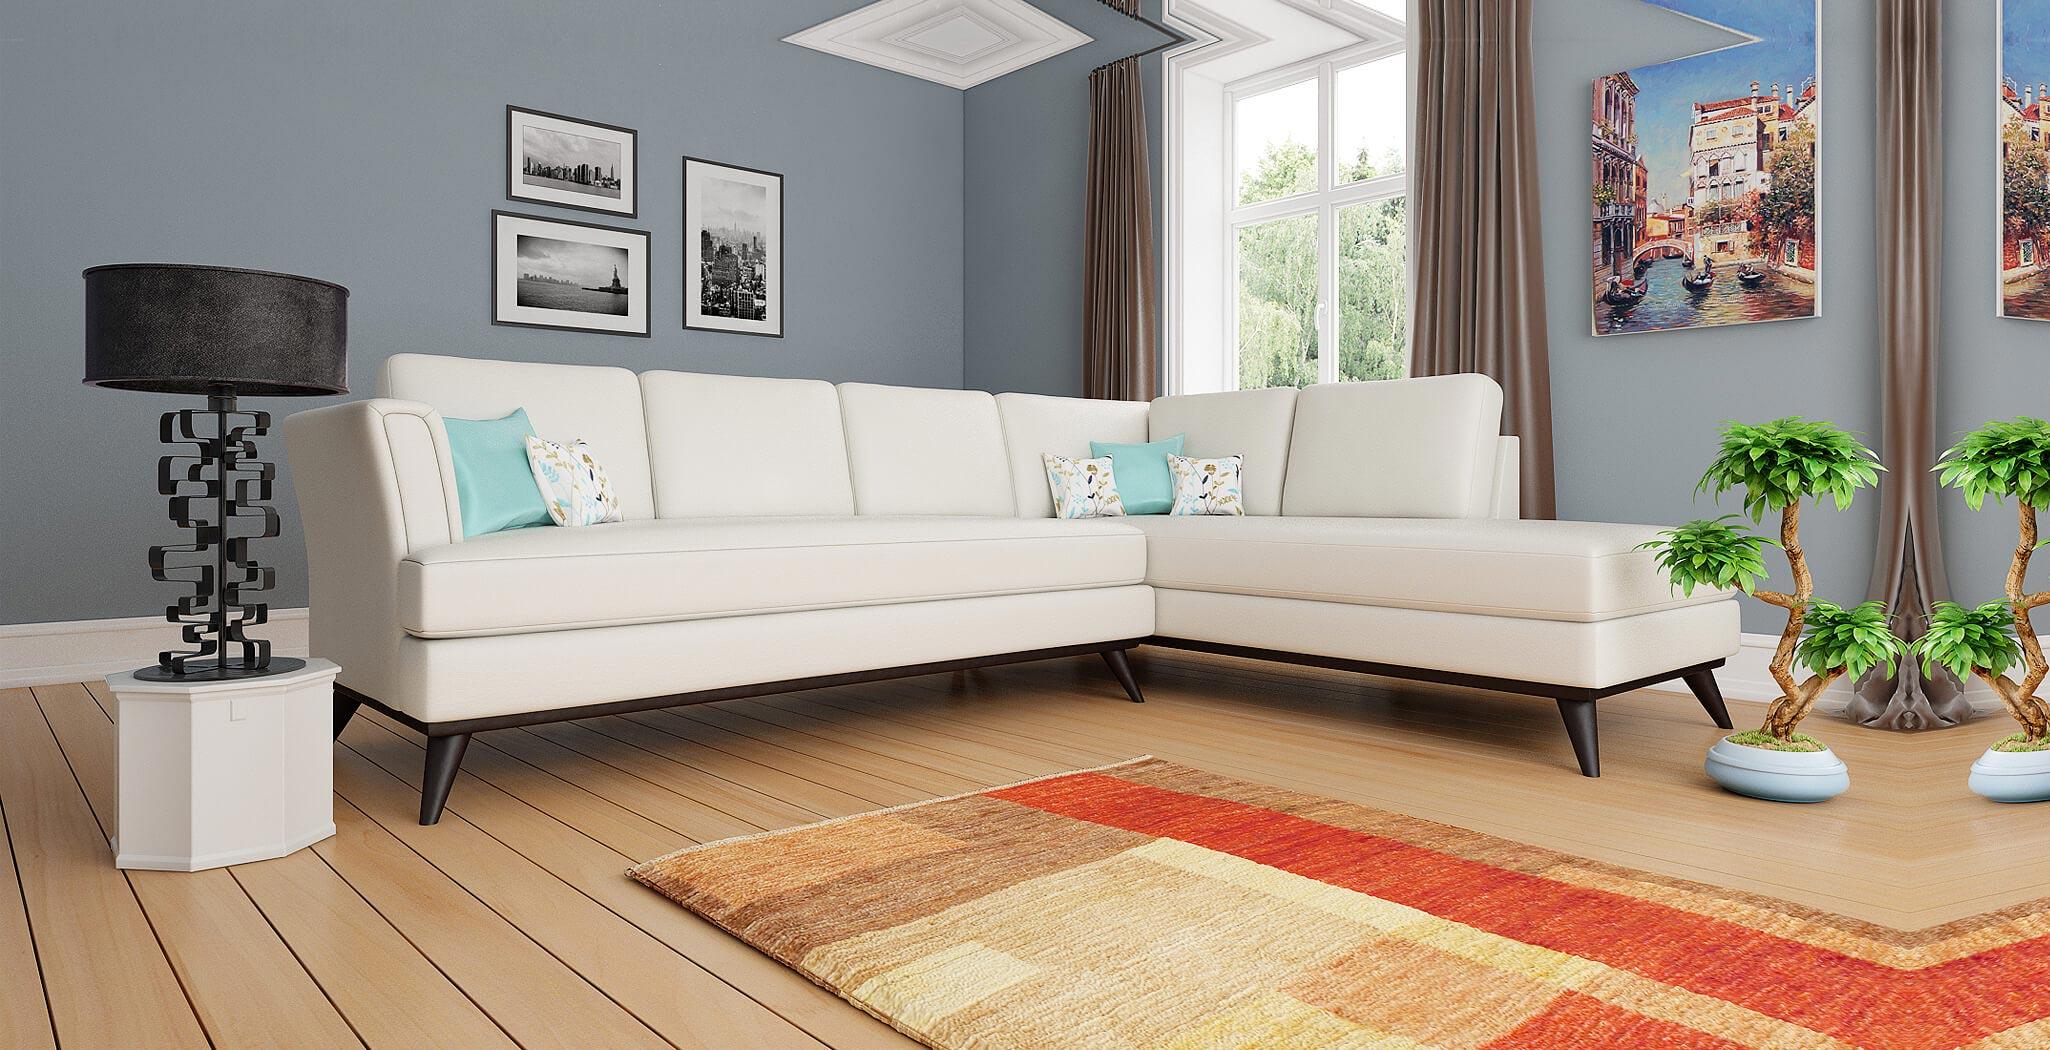 antalya panel furniture gallery 4